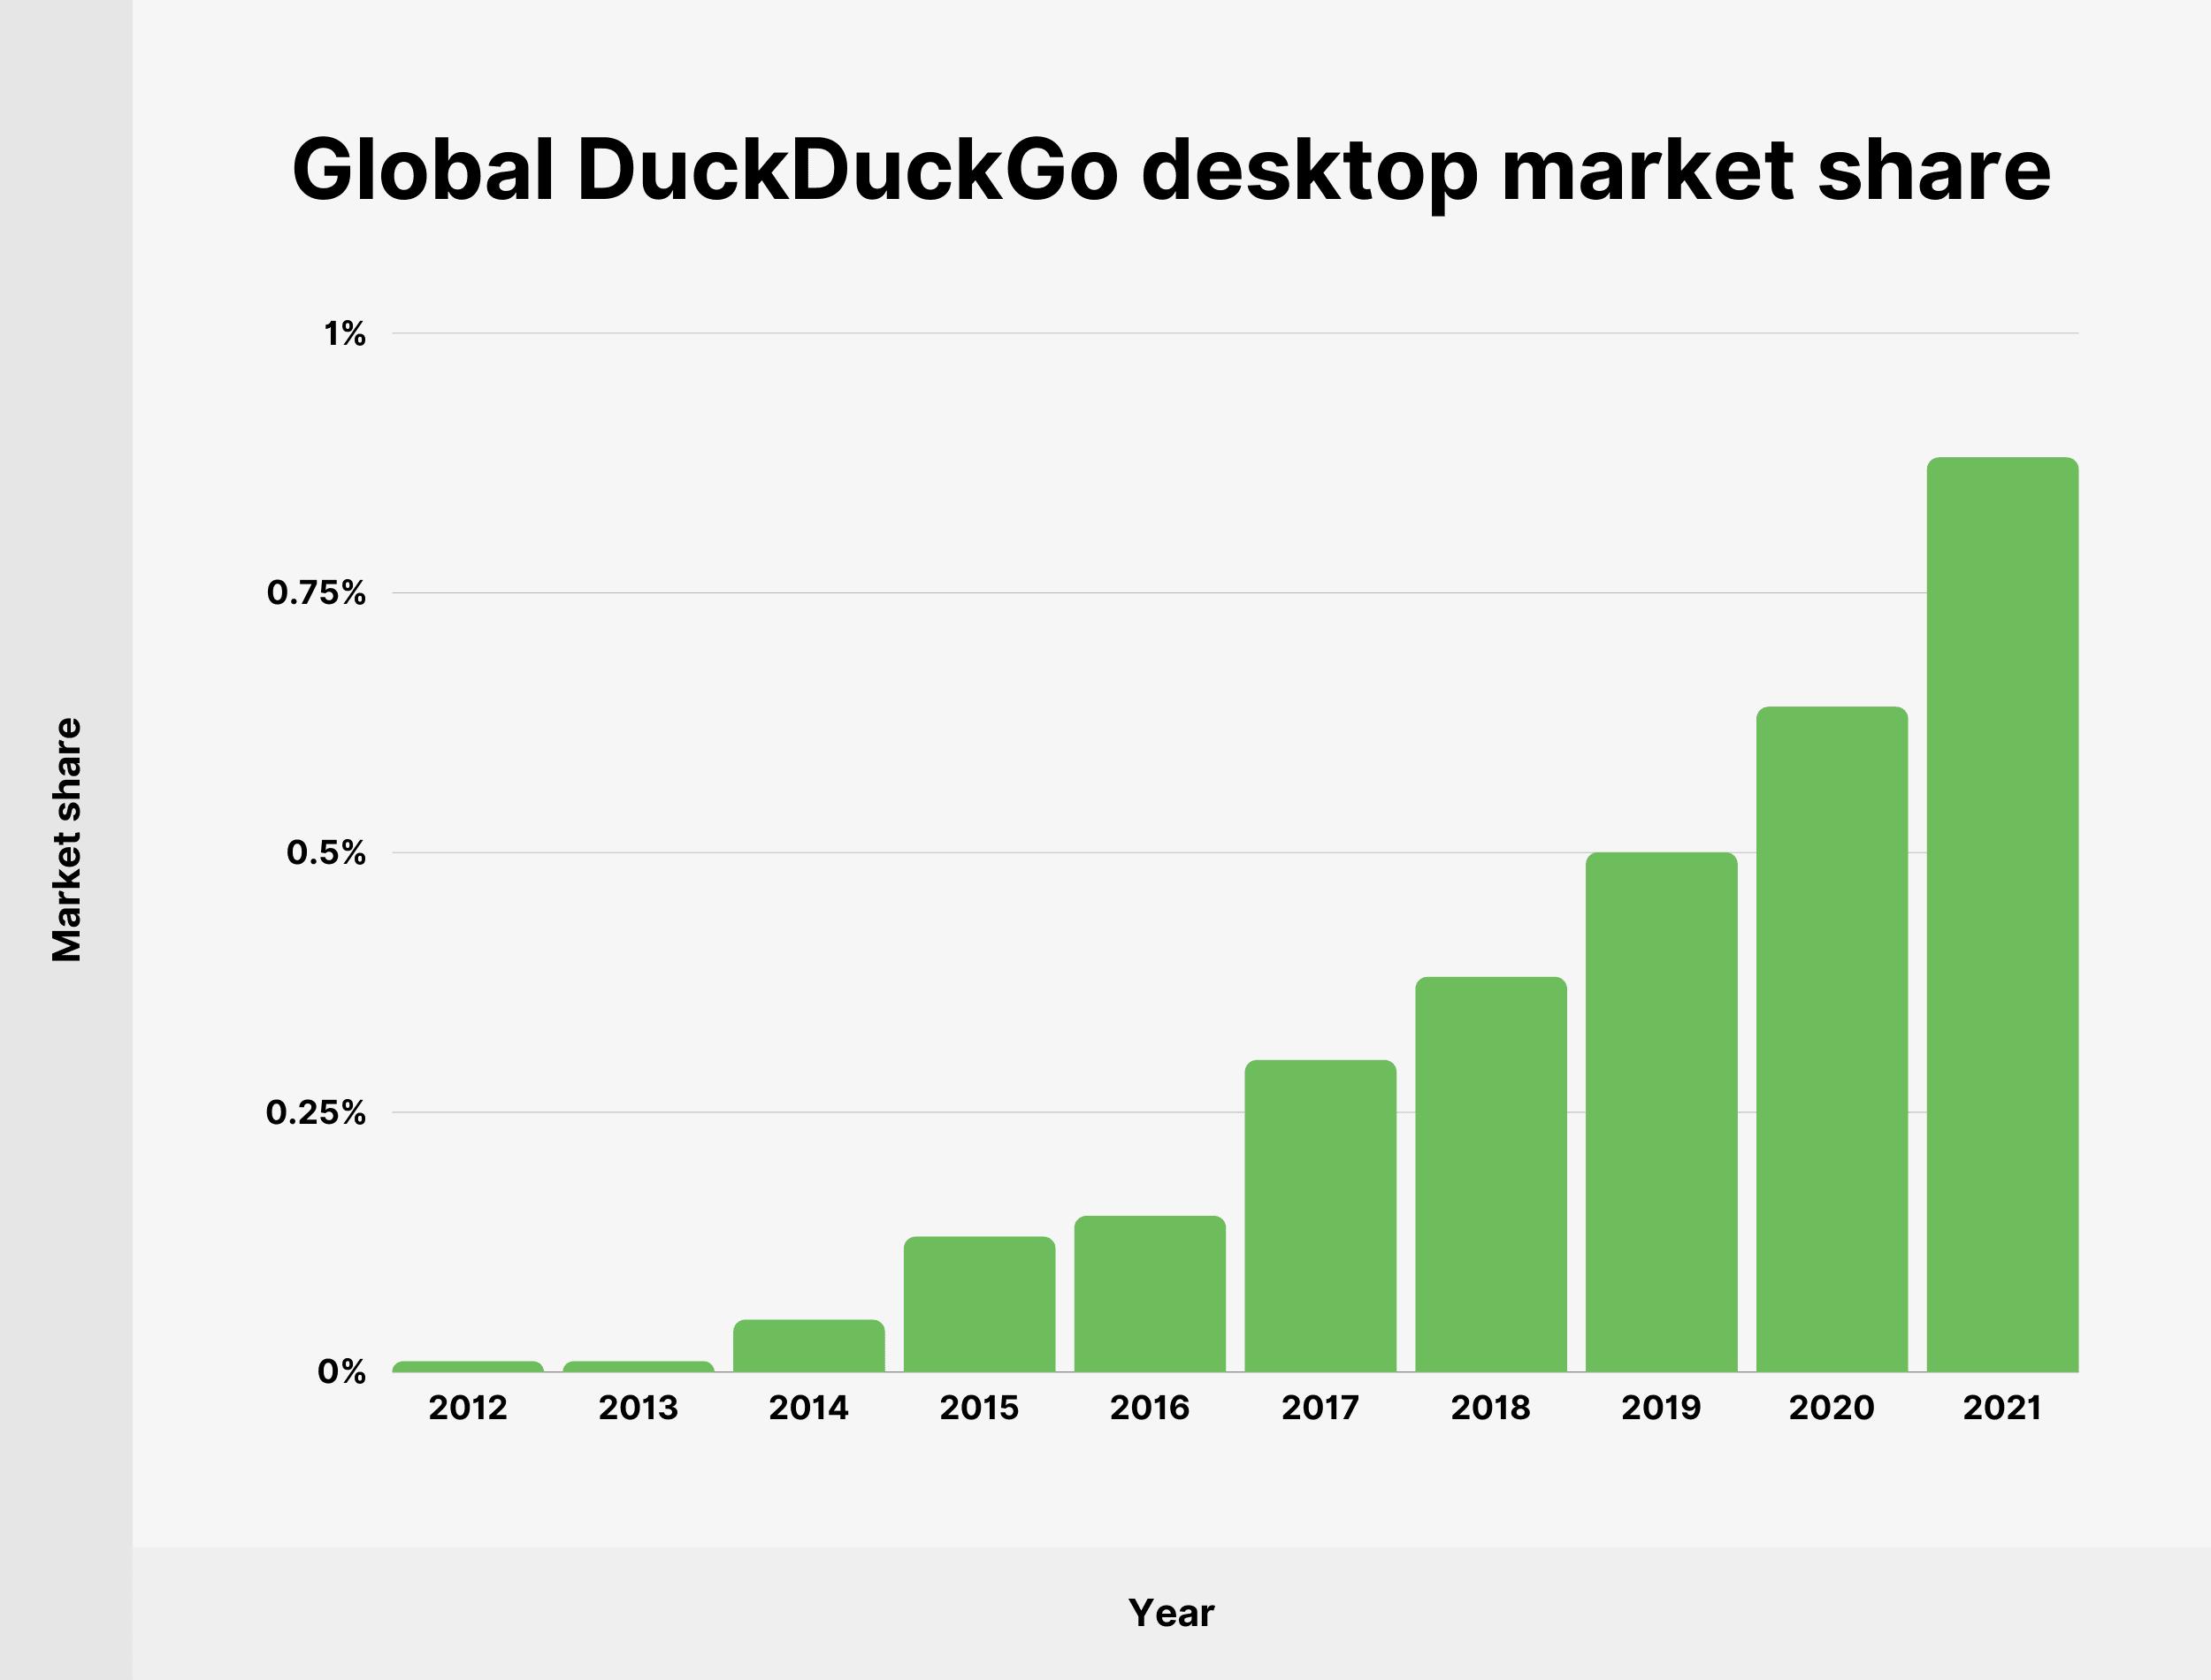 Global DuckDuckGo desktop market share